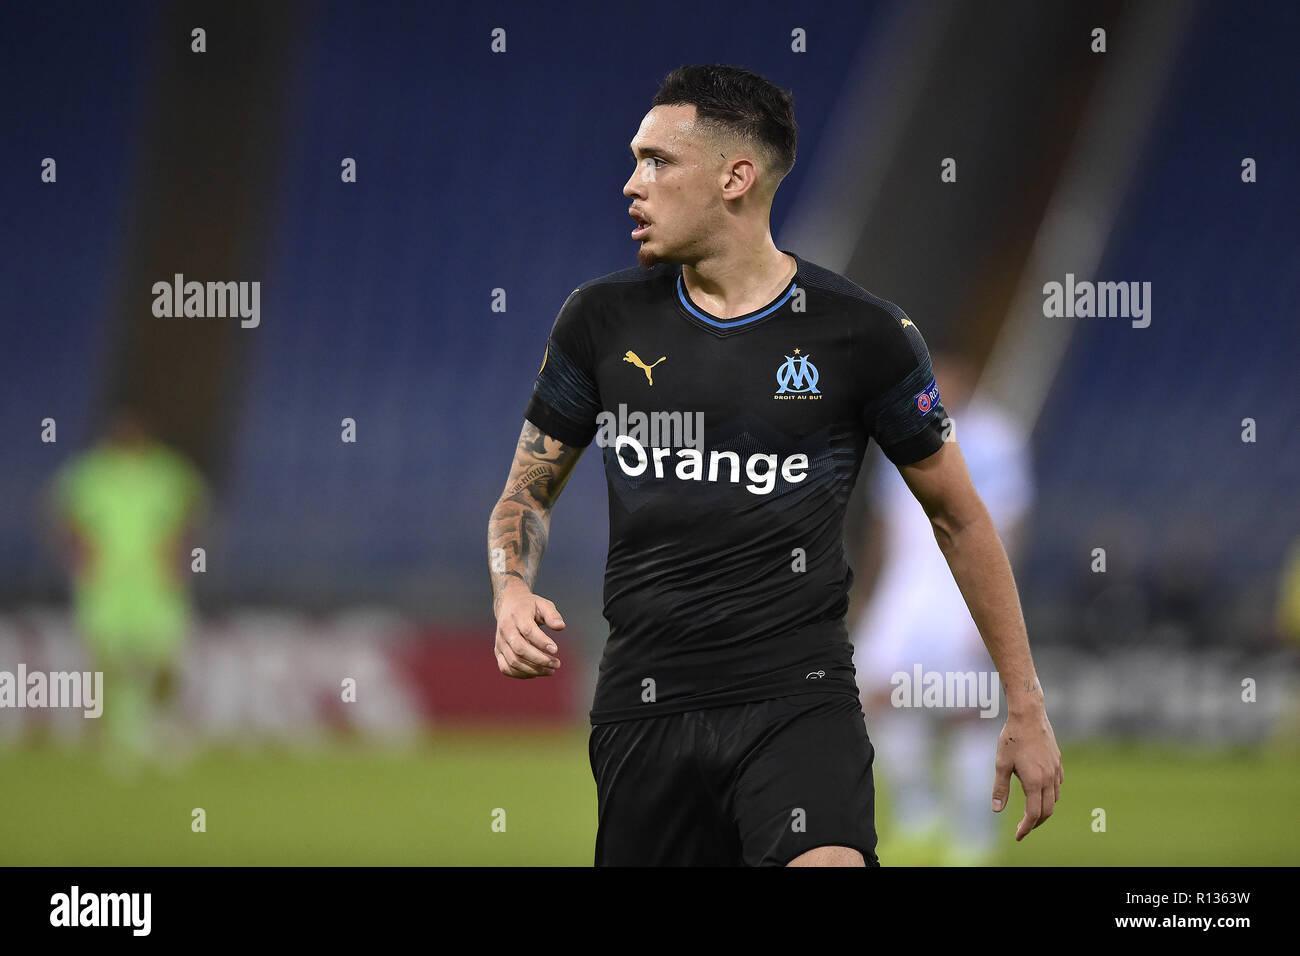 Lucas Ocampos Of Olympique De Marseille High Resolution Stock ...